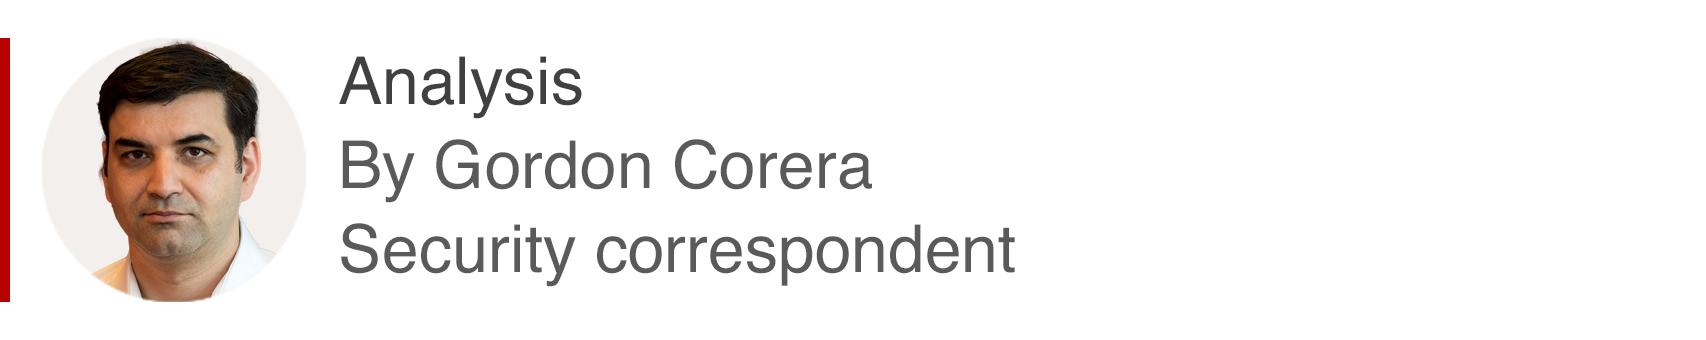 Analysis box by Gordon Corera, security correspondent